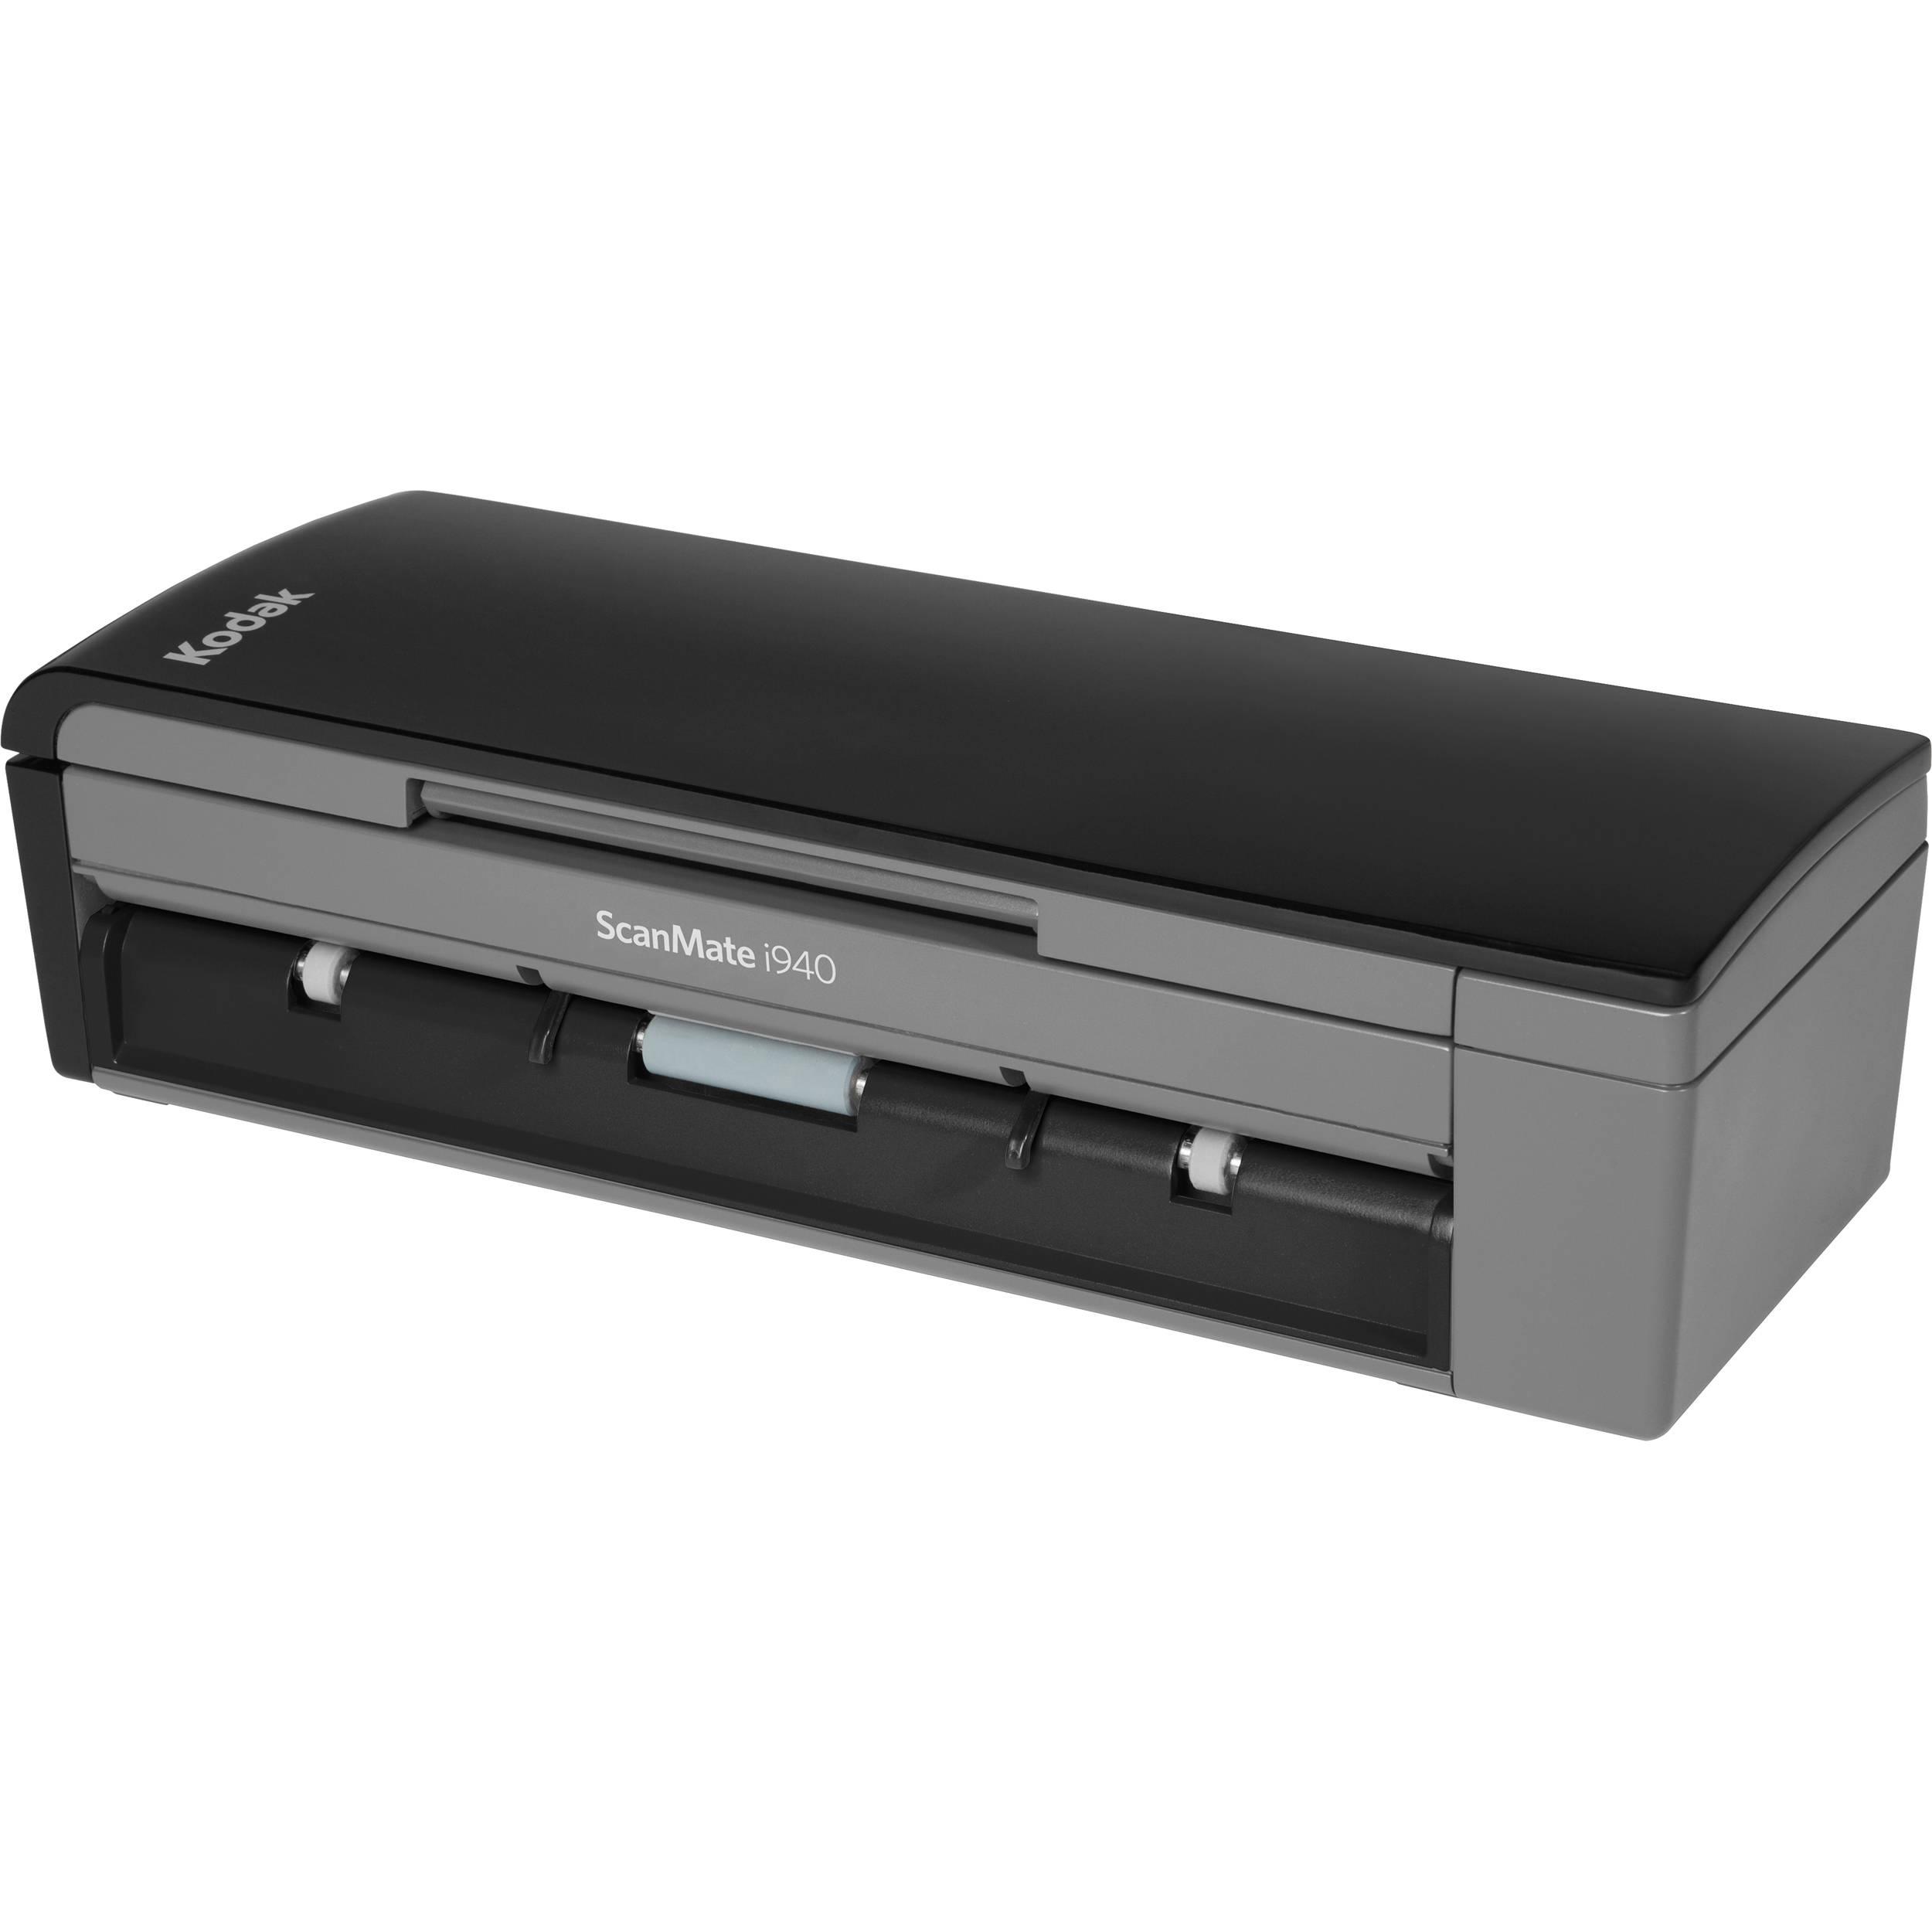 Kodak scanner scanmate i940